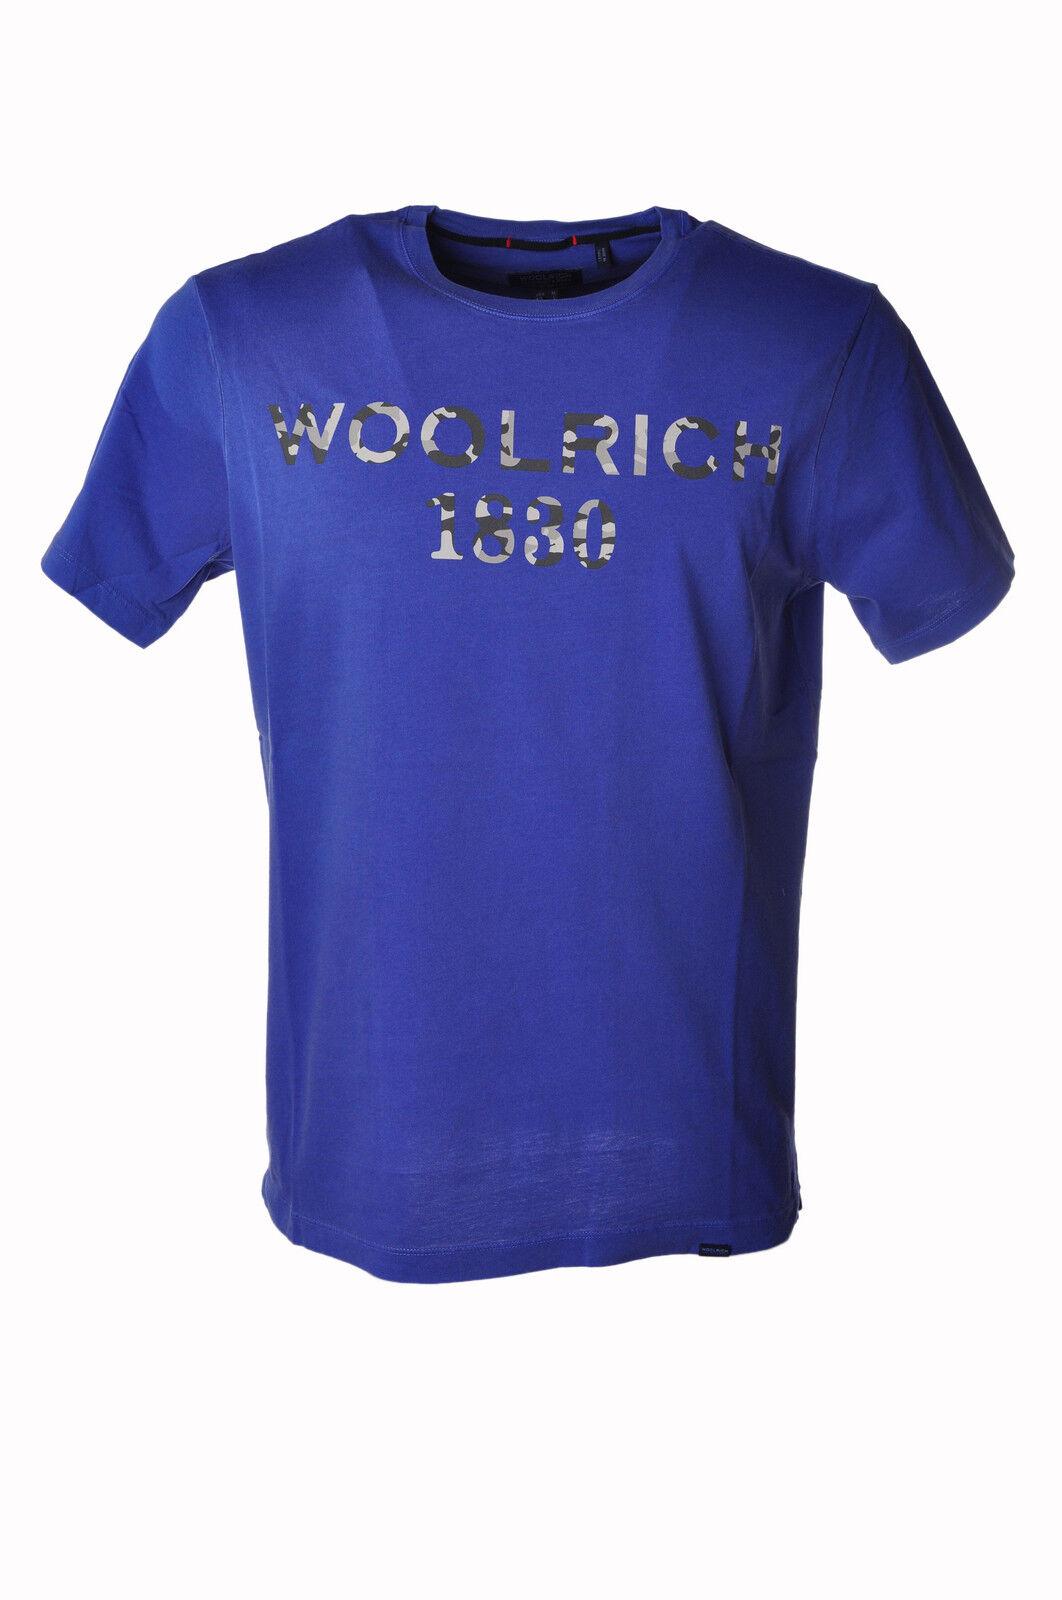 Woolrich  -  T - Männchen - Blau - 3566424A184538